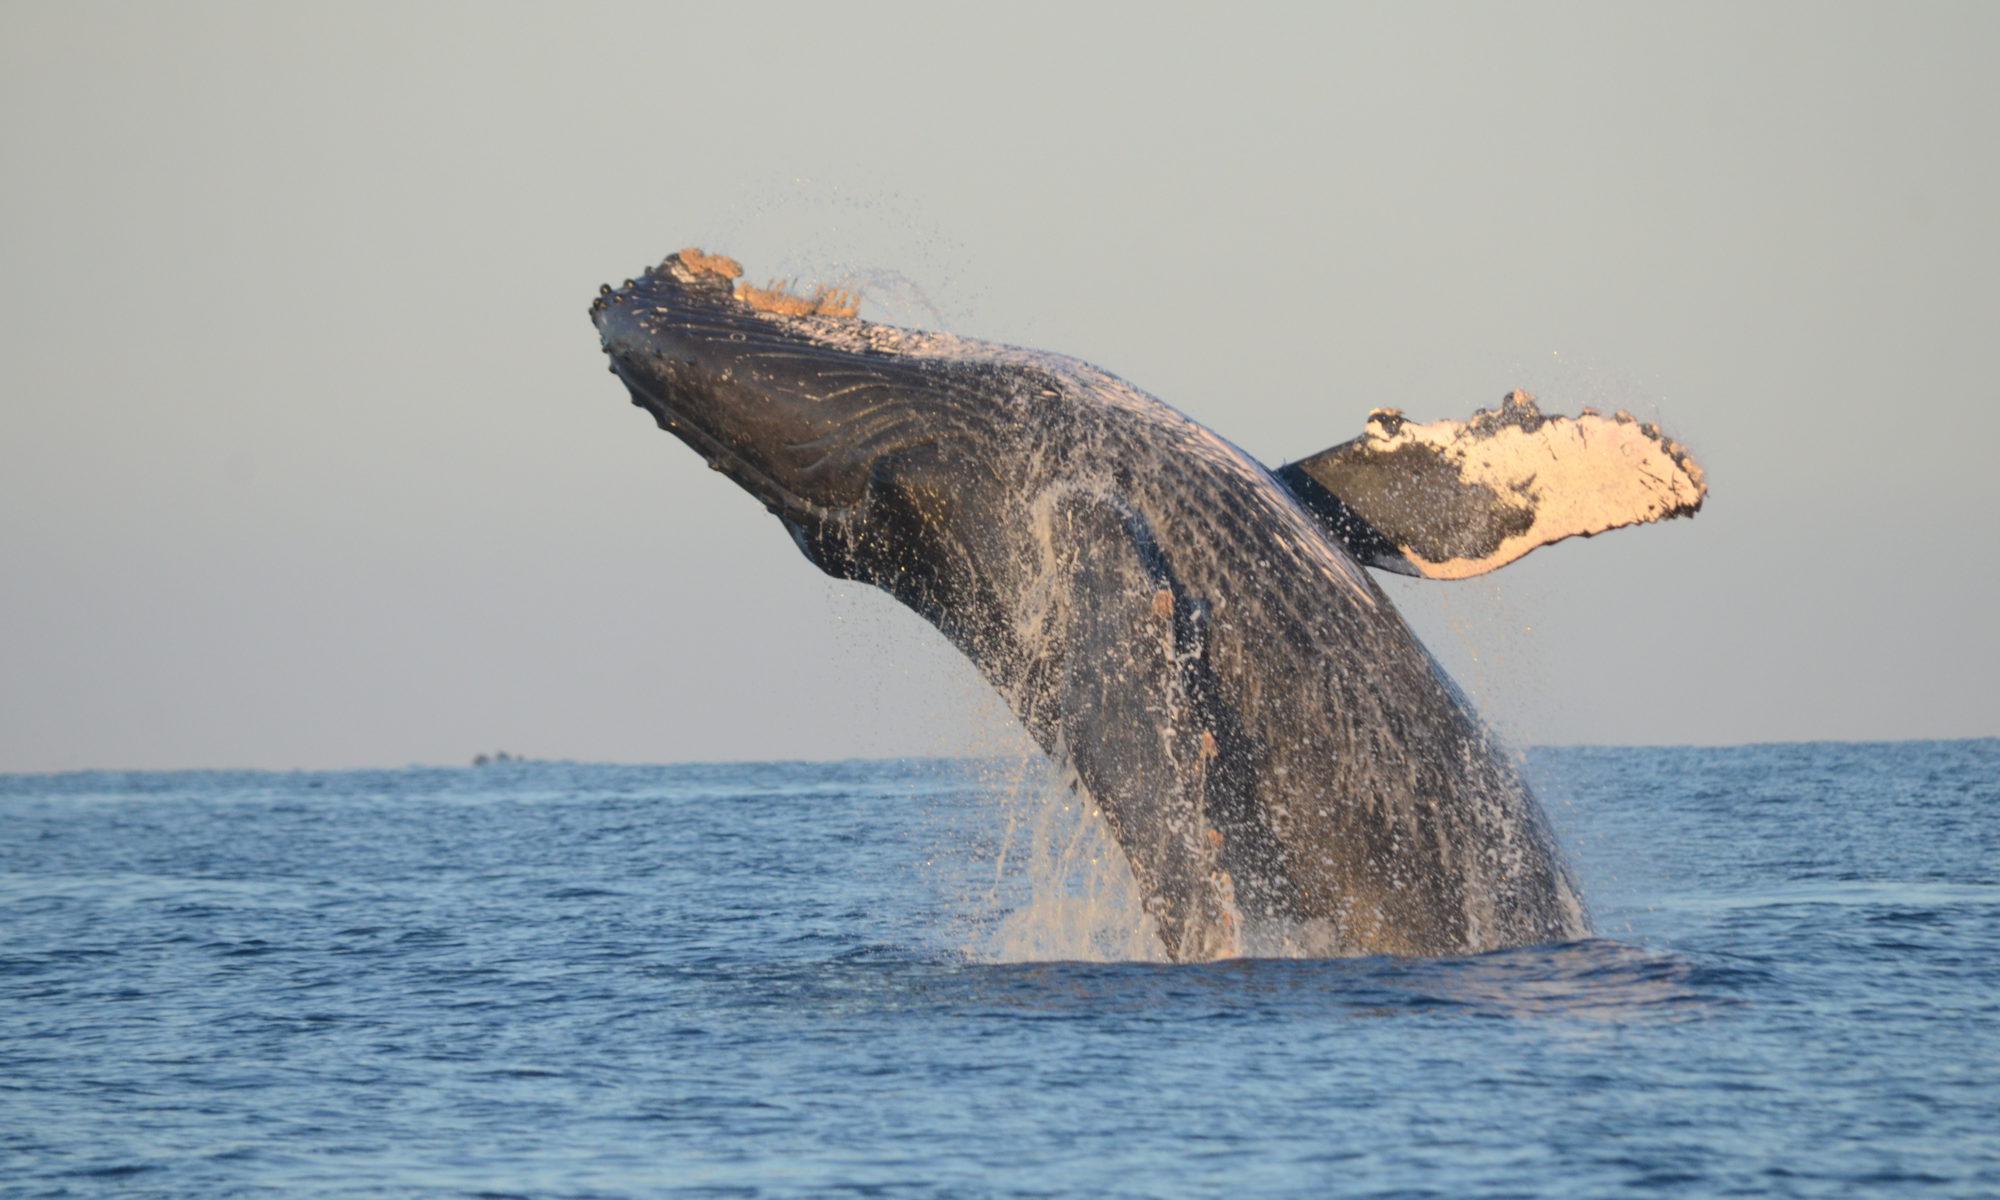 Proyecto de Investigación de las Ballenas de Guerrero